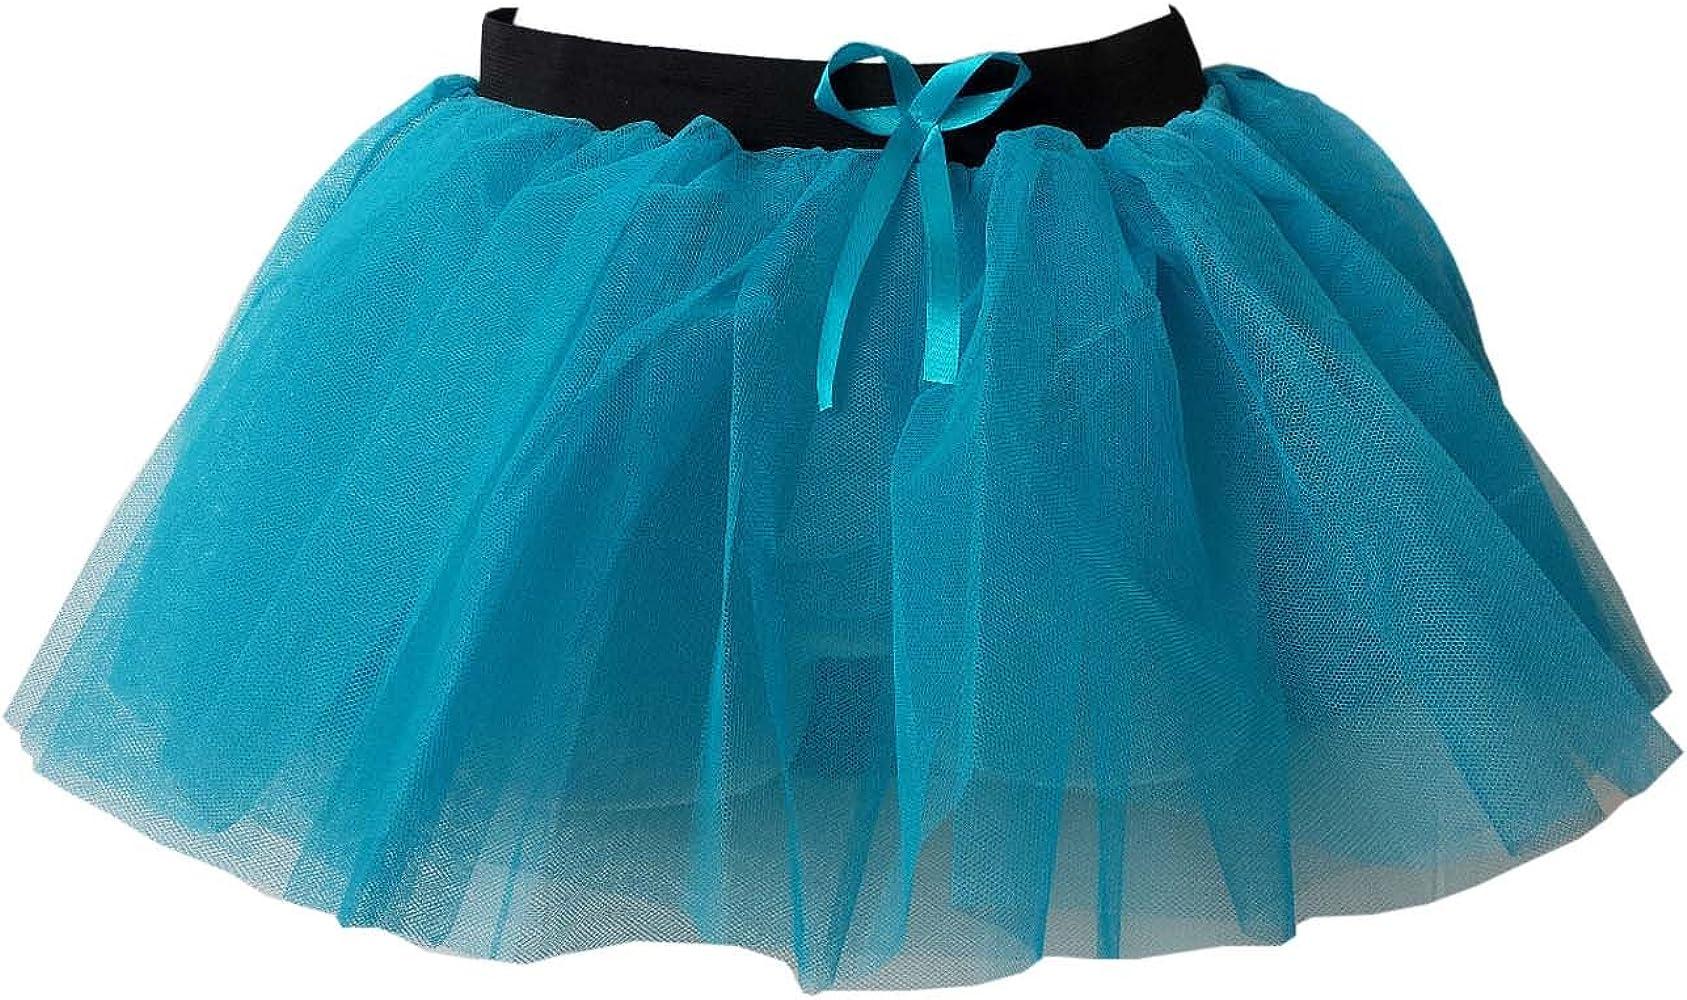 Falda tutú neón de 3 capas para niña, vestido de boda / fiesta ...